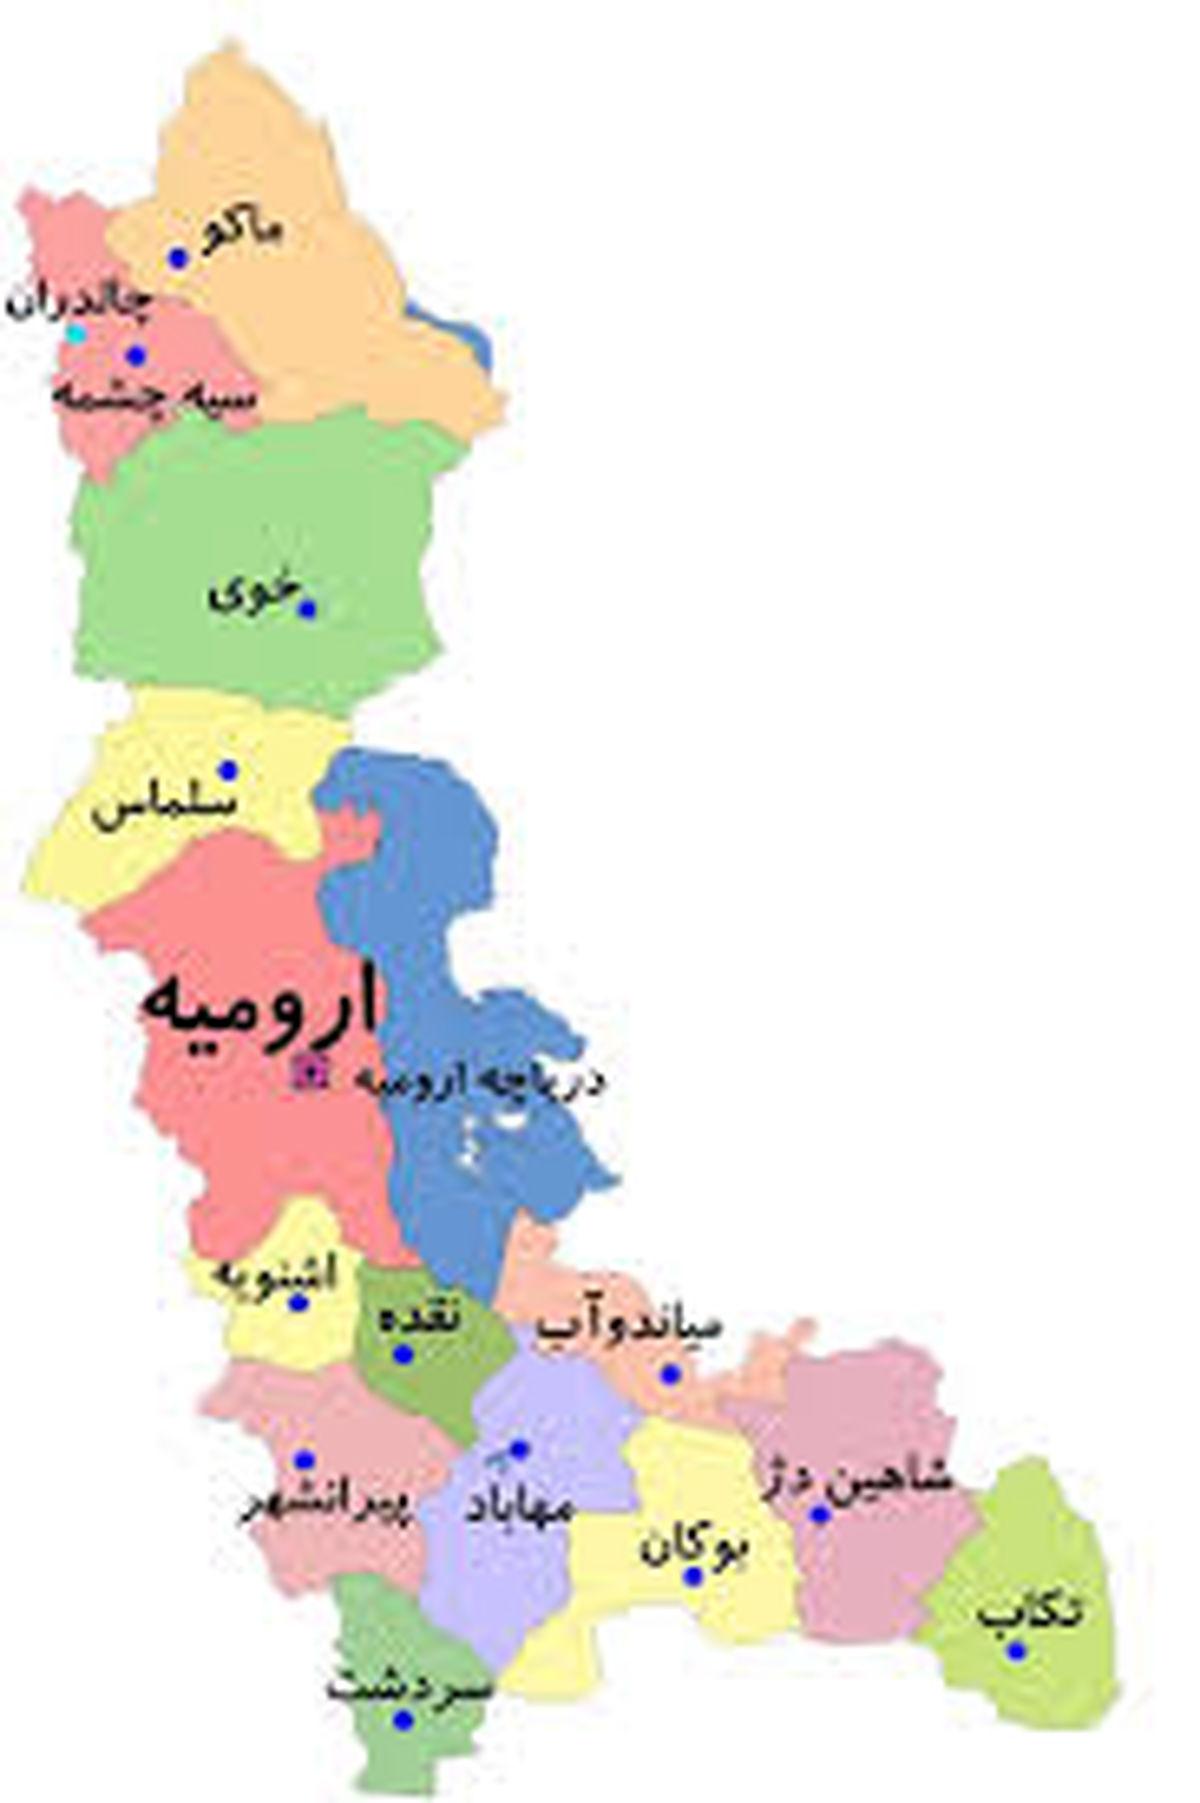 تعداد دقیق شهدای جنگ تحمیلی استان آذربایجان غربی